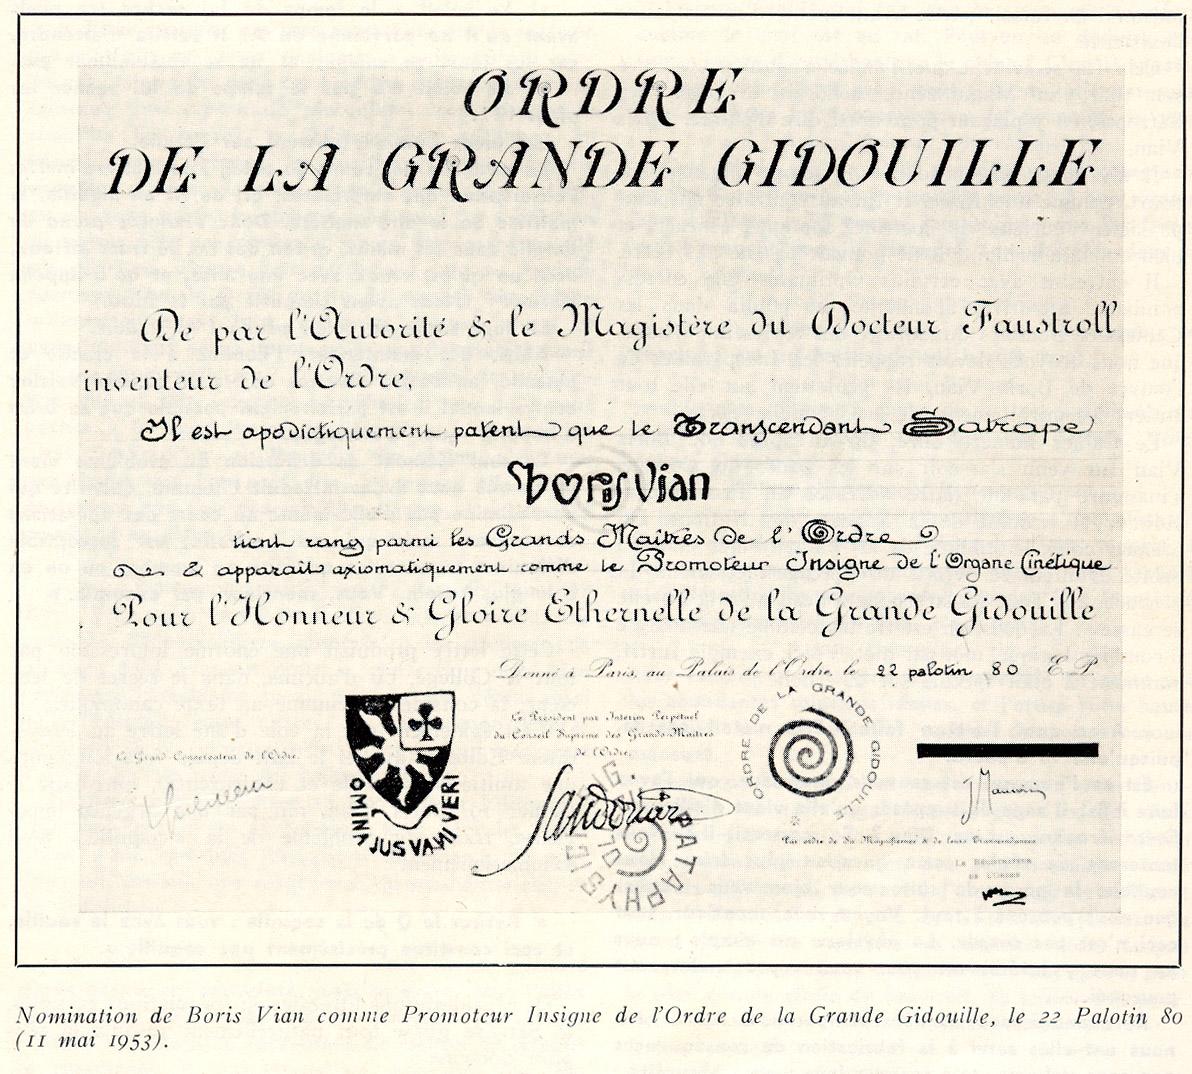 Título de Promotor Insigne de la Orden de la Gran Gidouille, expedido a Boris Vian el 22 de Palotin de 80 (11 de mayo de 1953).